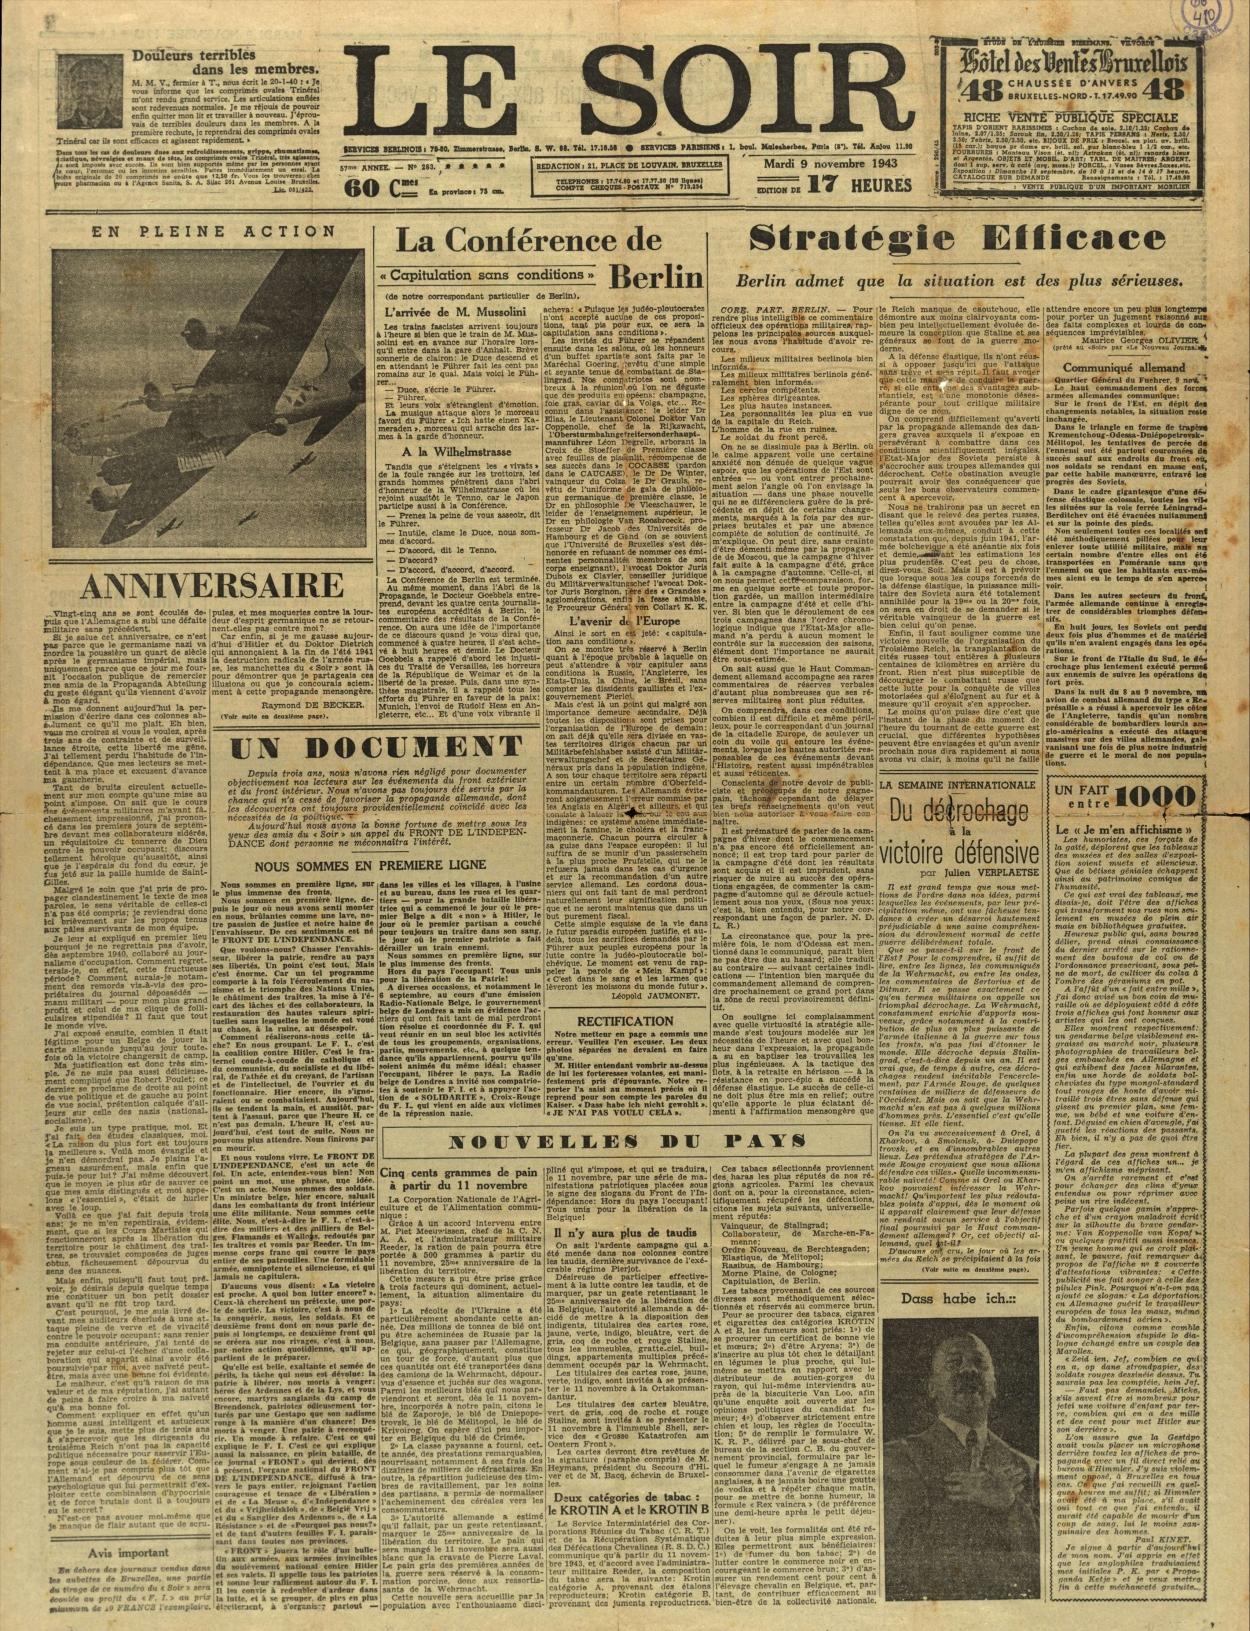 Le Soir, 9 novembre 1943